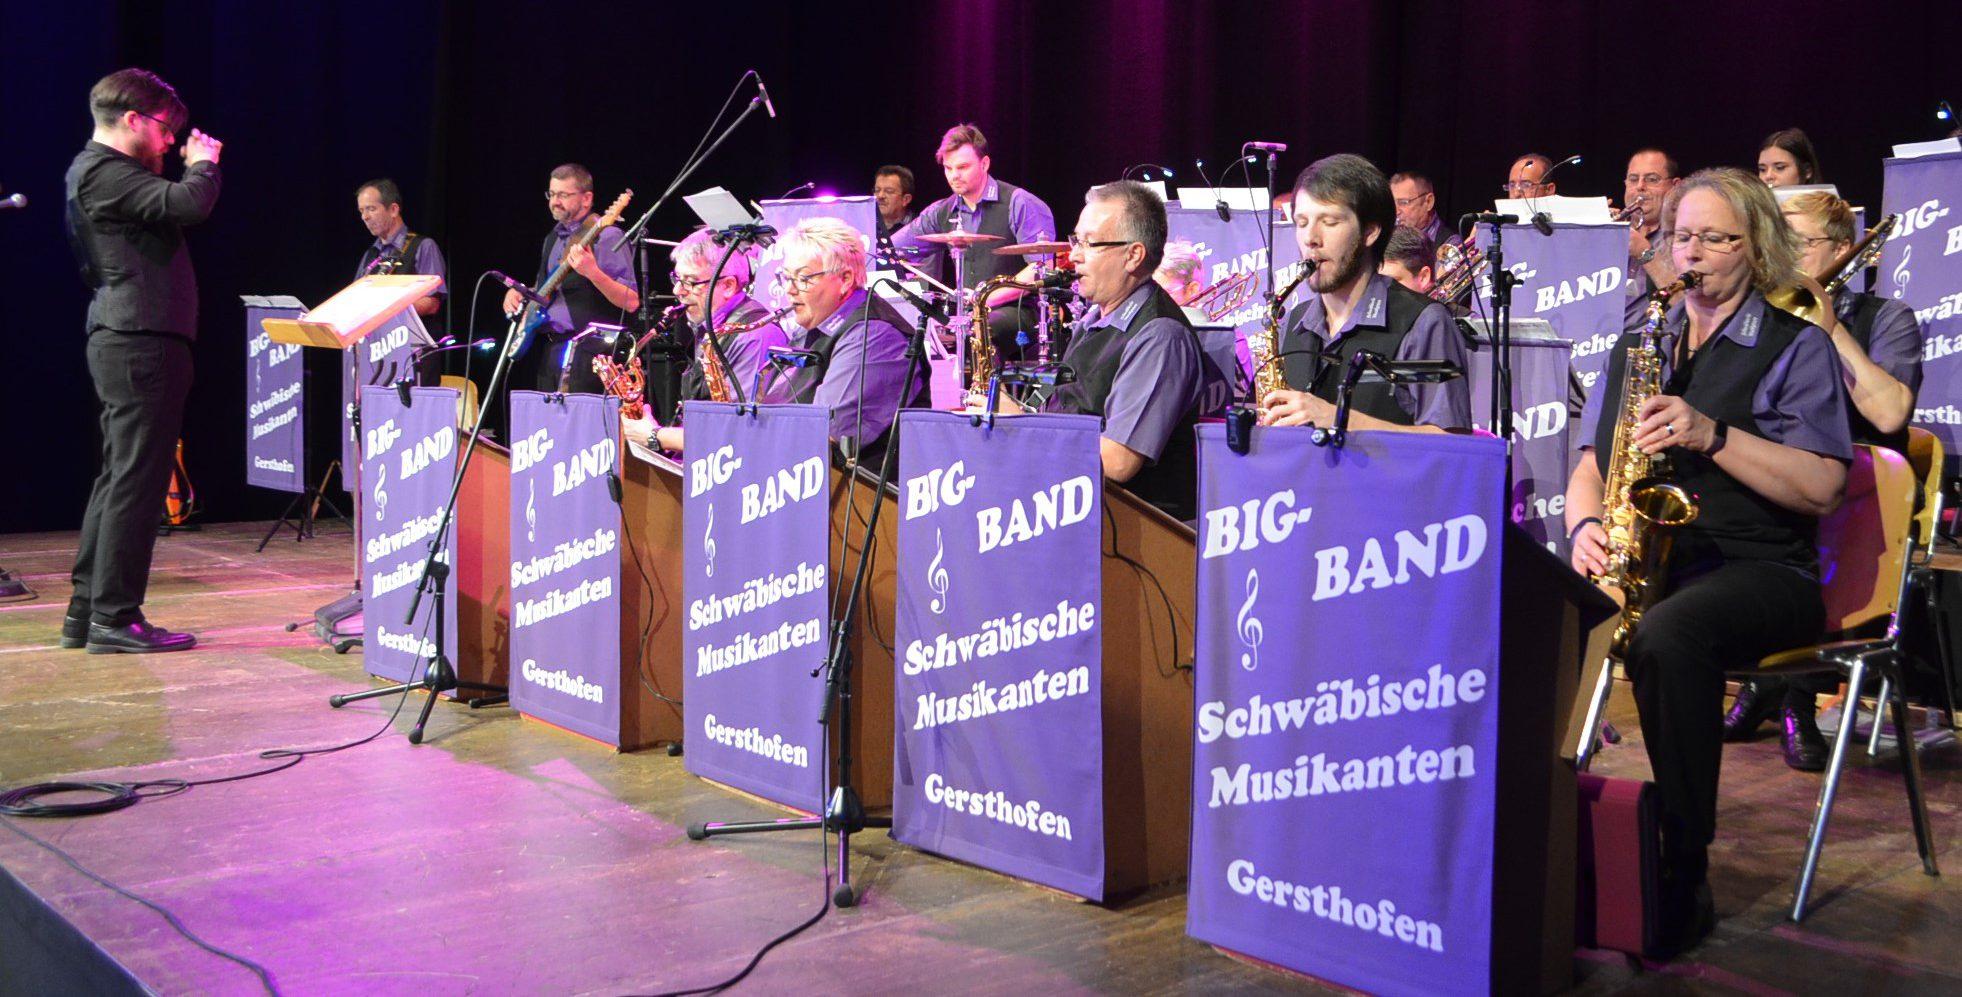 Schwäbische Musikanten